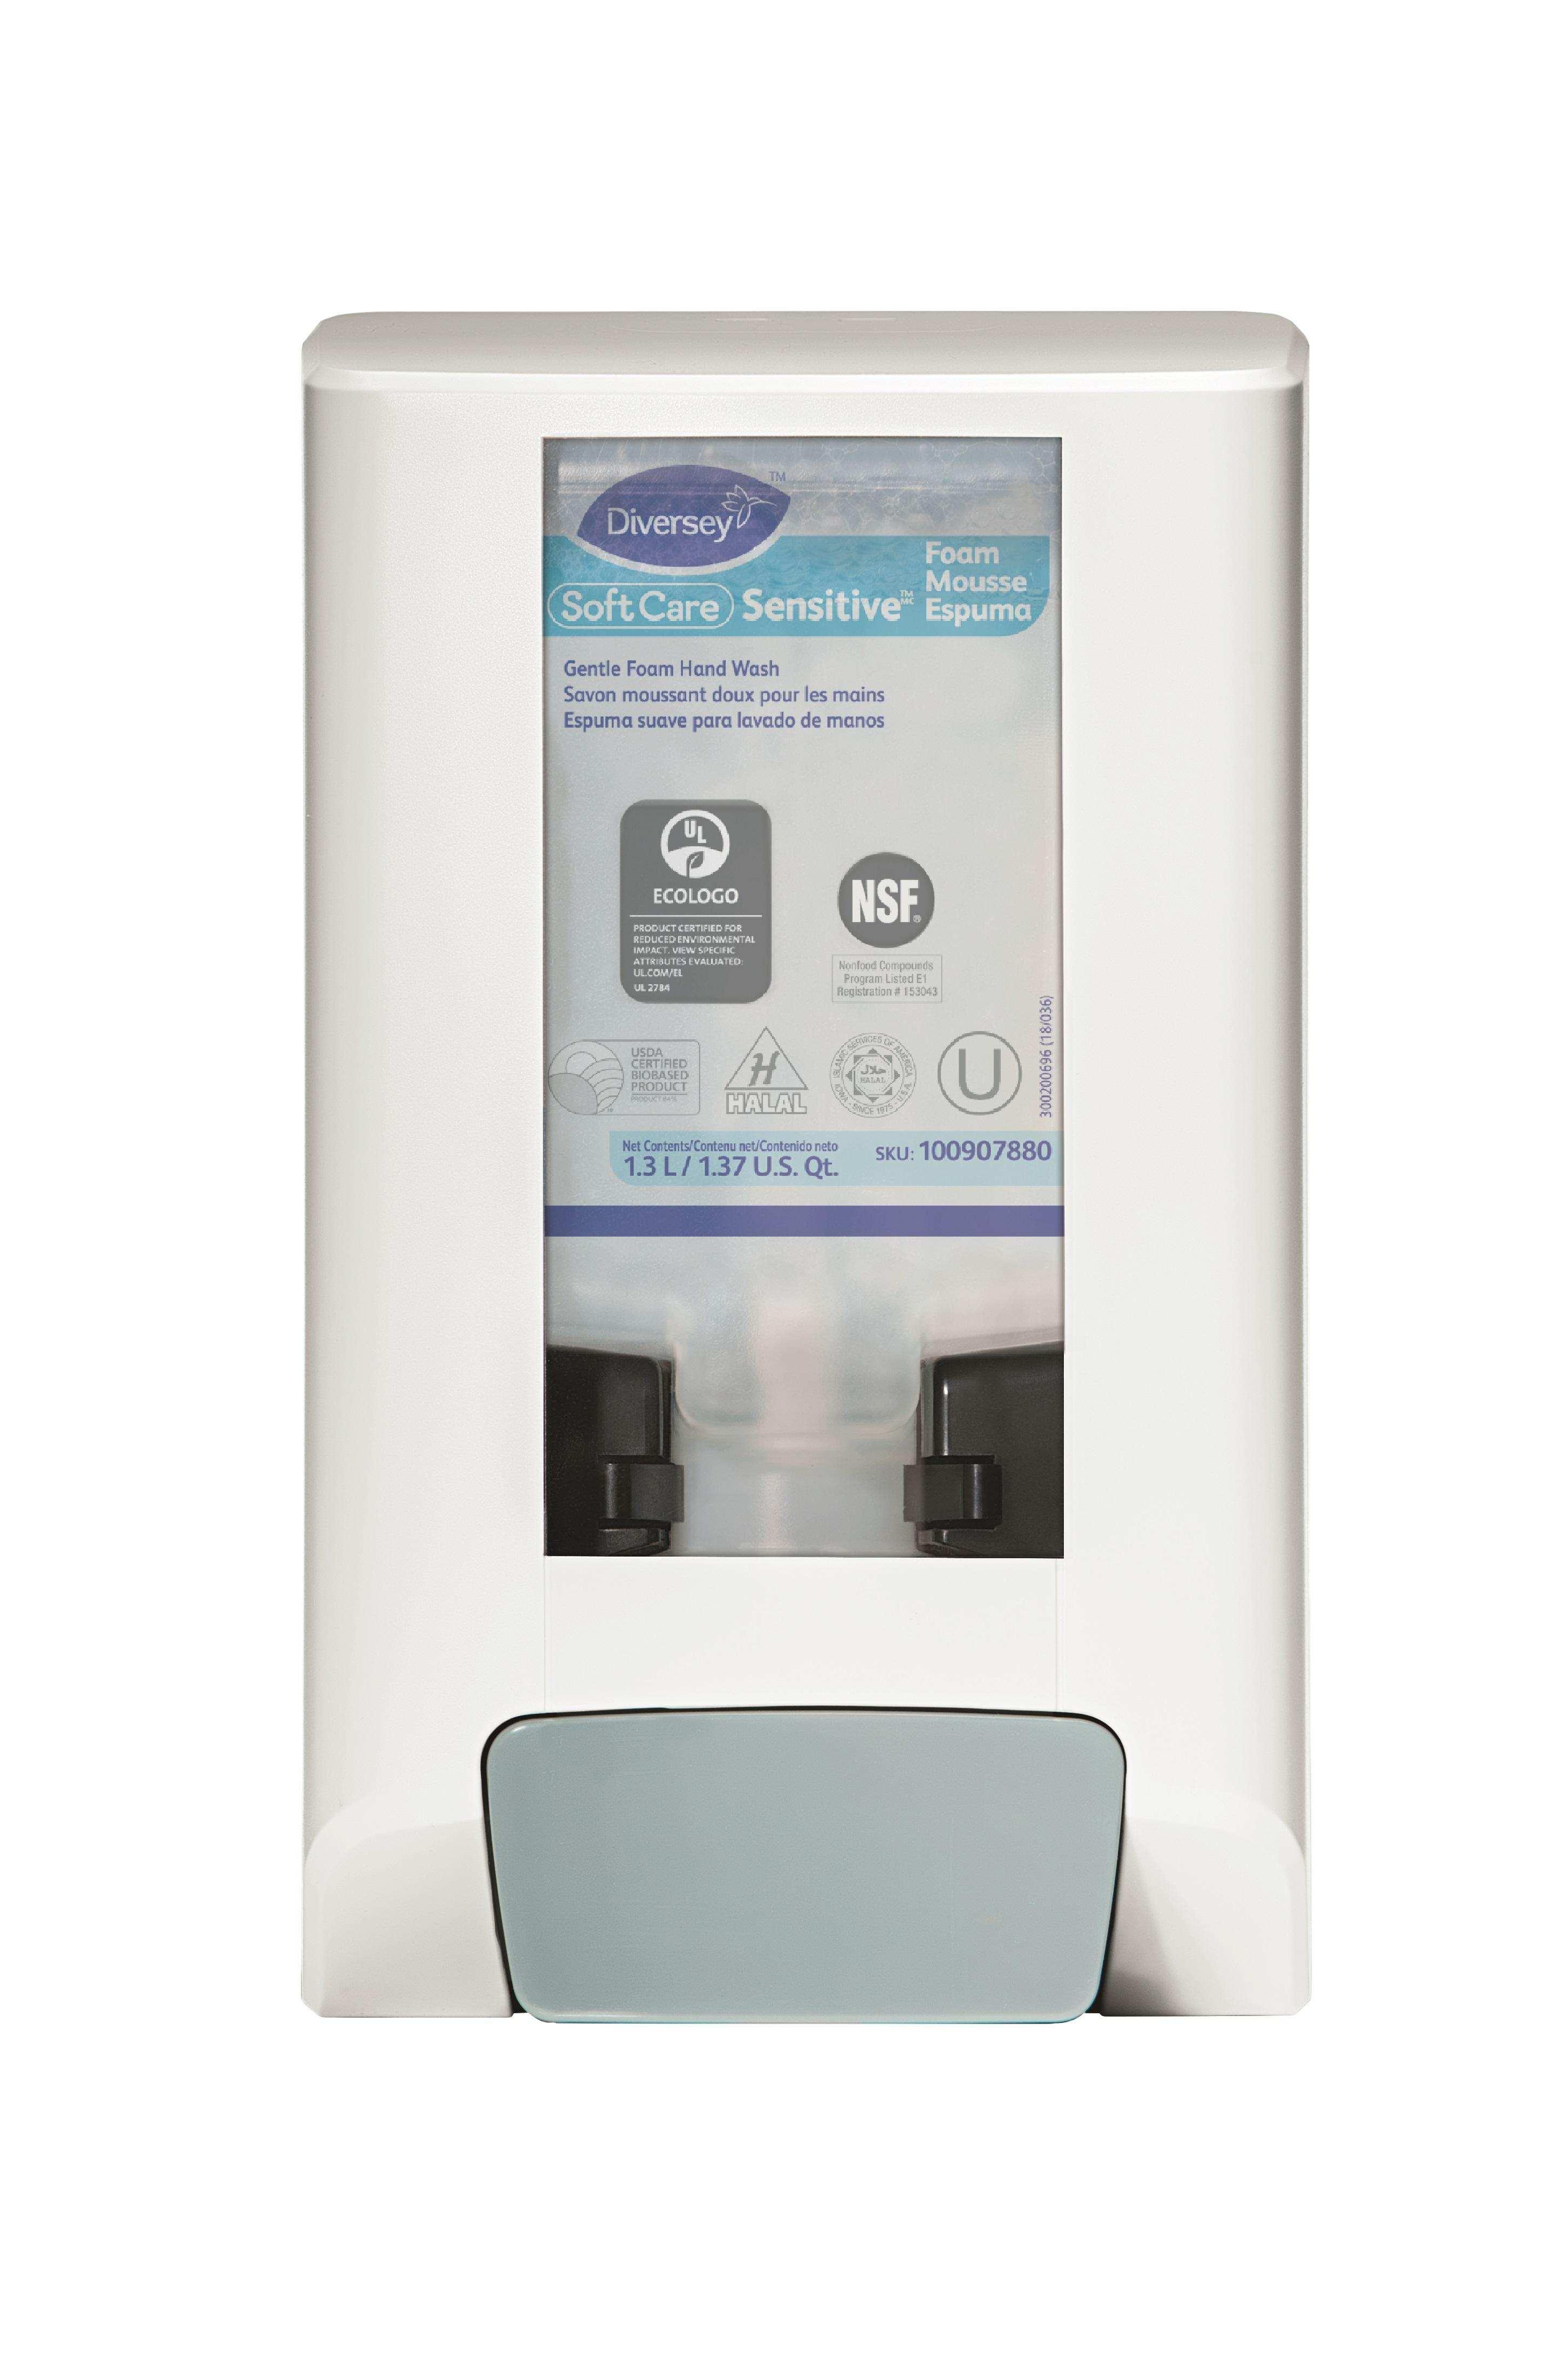 D7524178-IntelliCare-Dispenser-White-Front-Manual.jpg